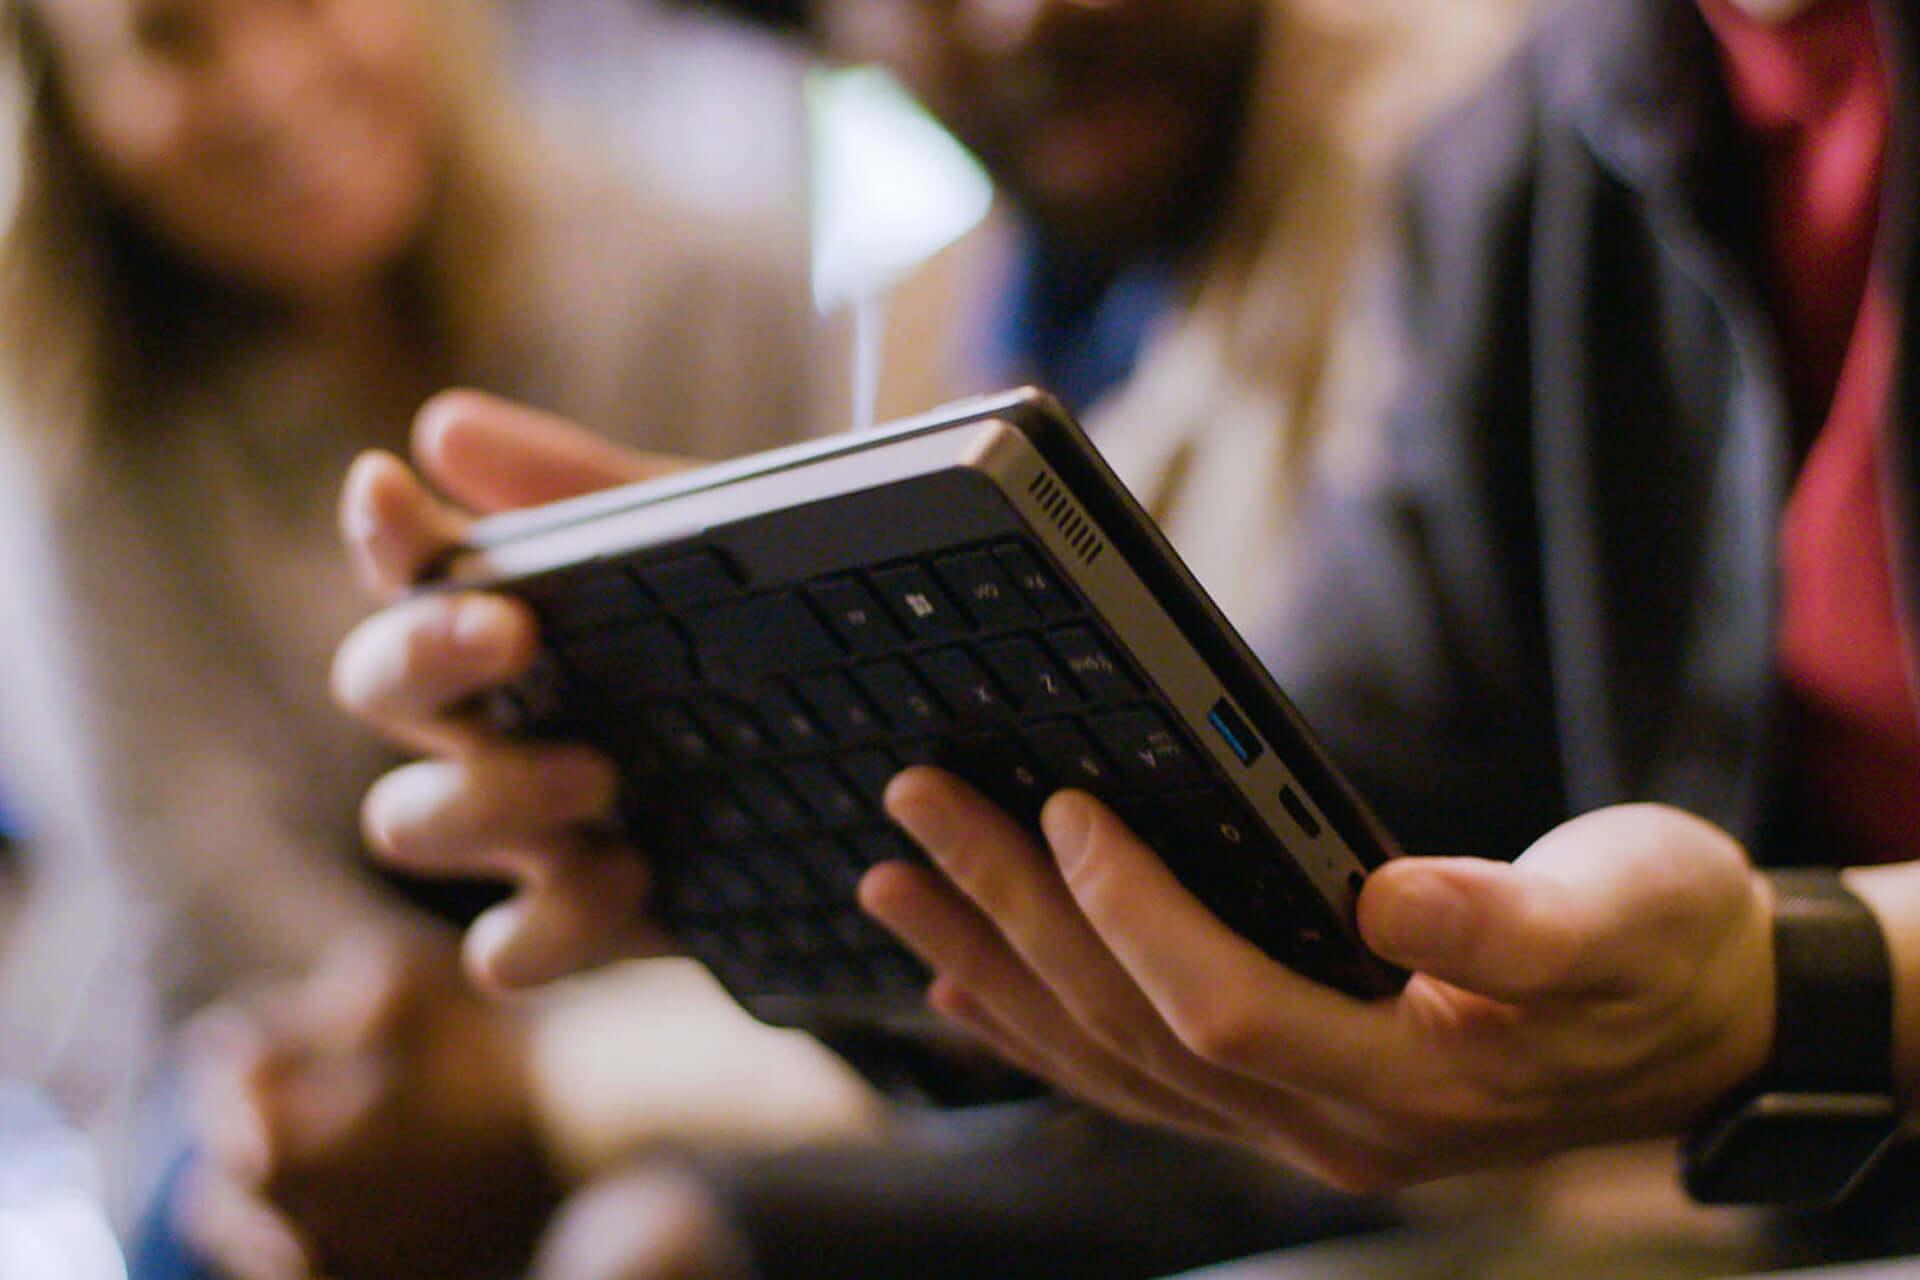 ポケットから出てくるのは手のひらサイズのPC!?クラウドファンディングにミニPC「MiniBook」登場 tech190912_minibook_2-1920x1280